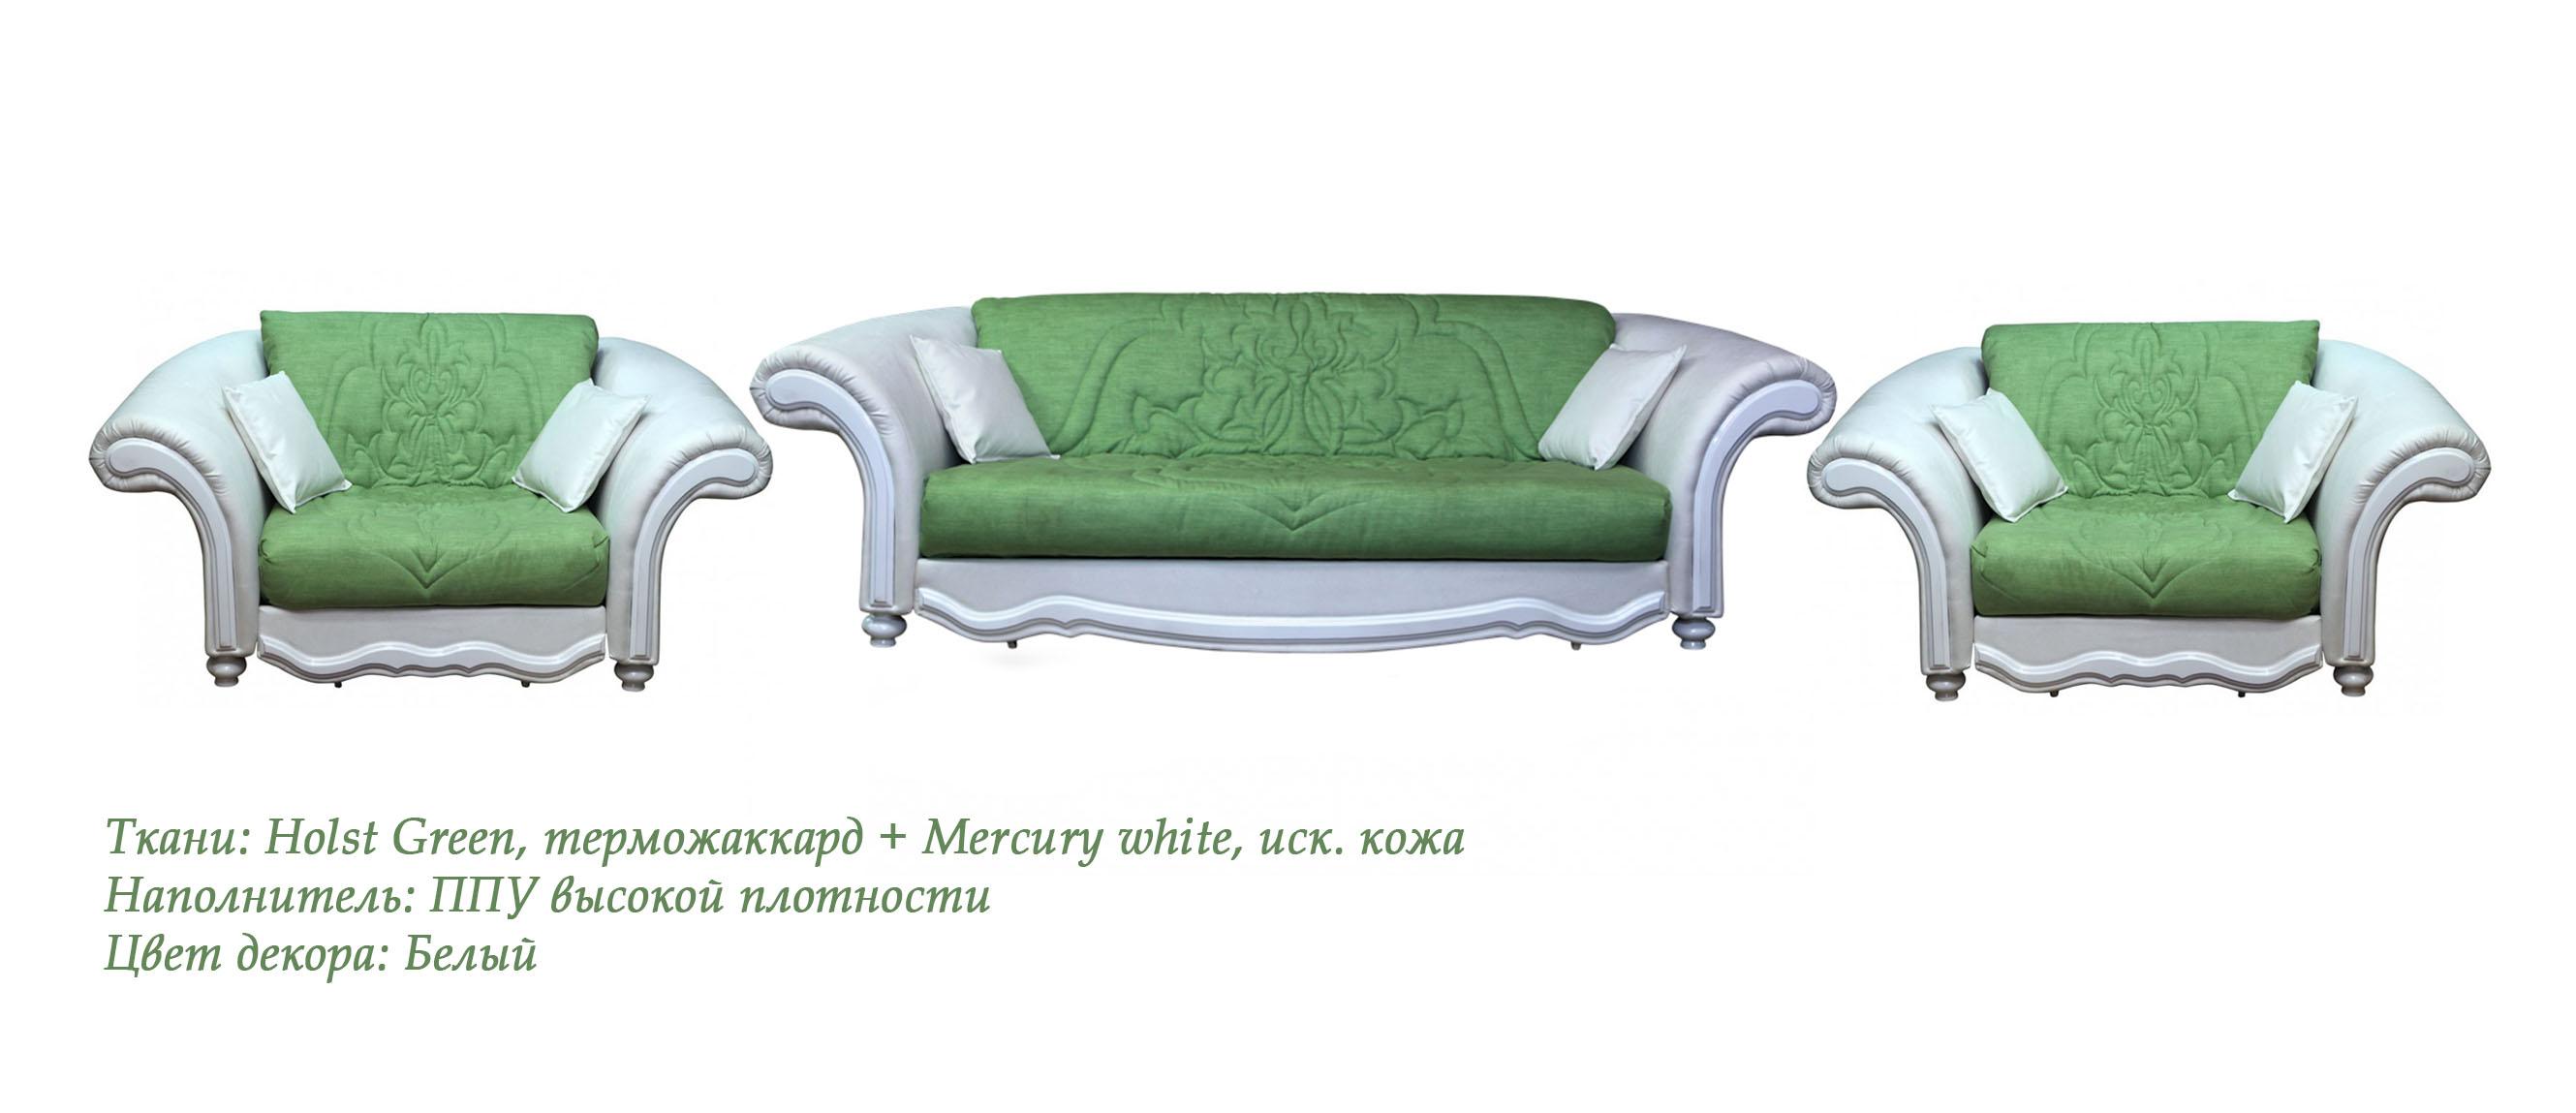 Комплект мягкой мебели Мелос-м426